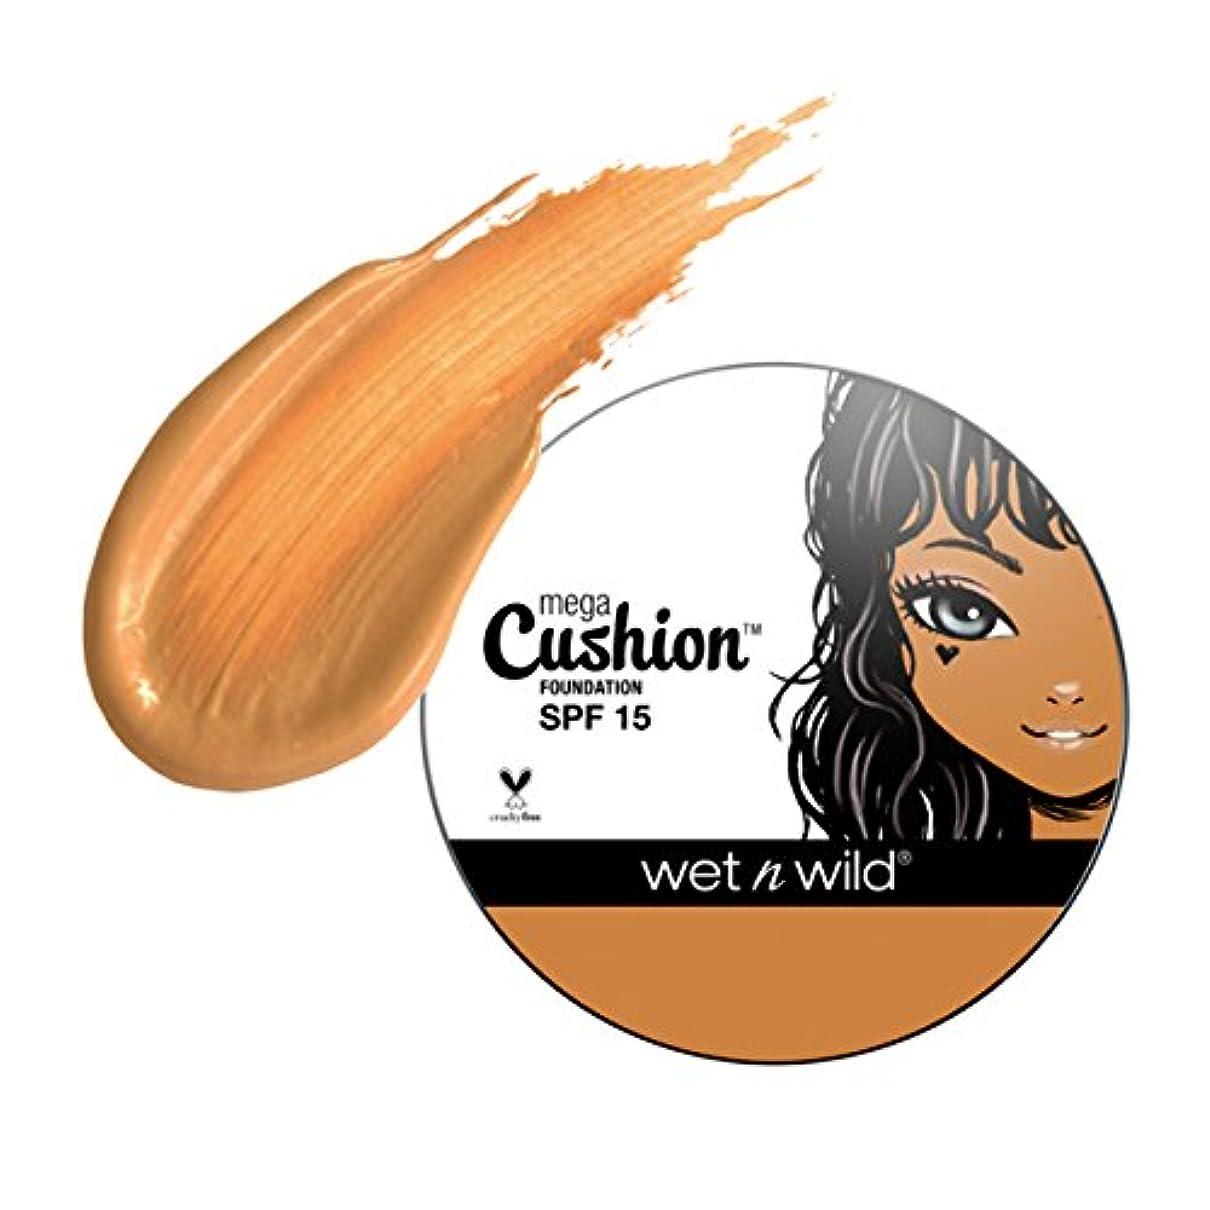 管理する添付食堂(3 Pack) WET N WILD MegaCushion Foundation SPF 15 - Tawny (並行輸入品)